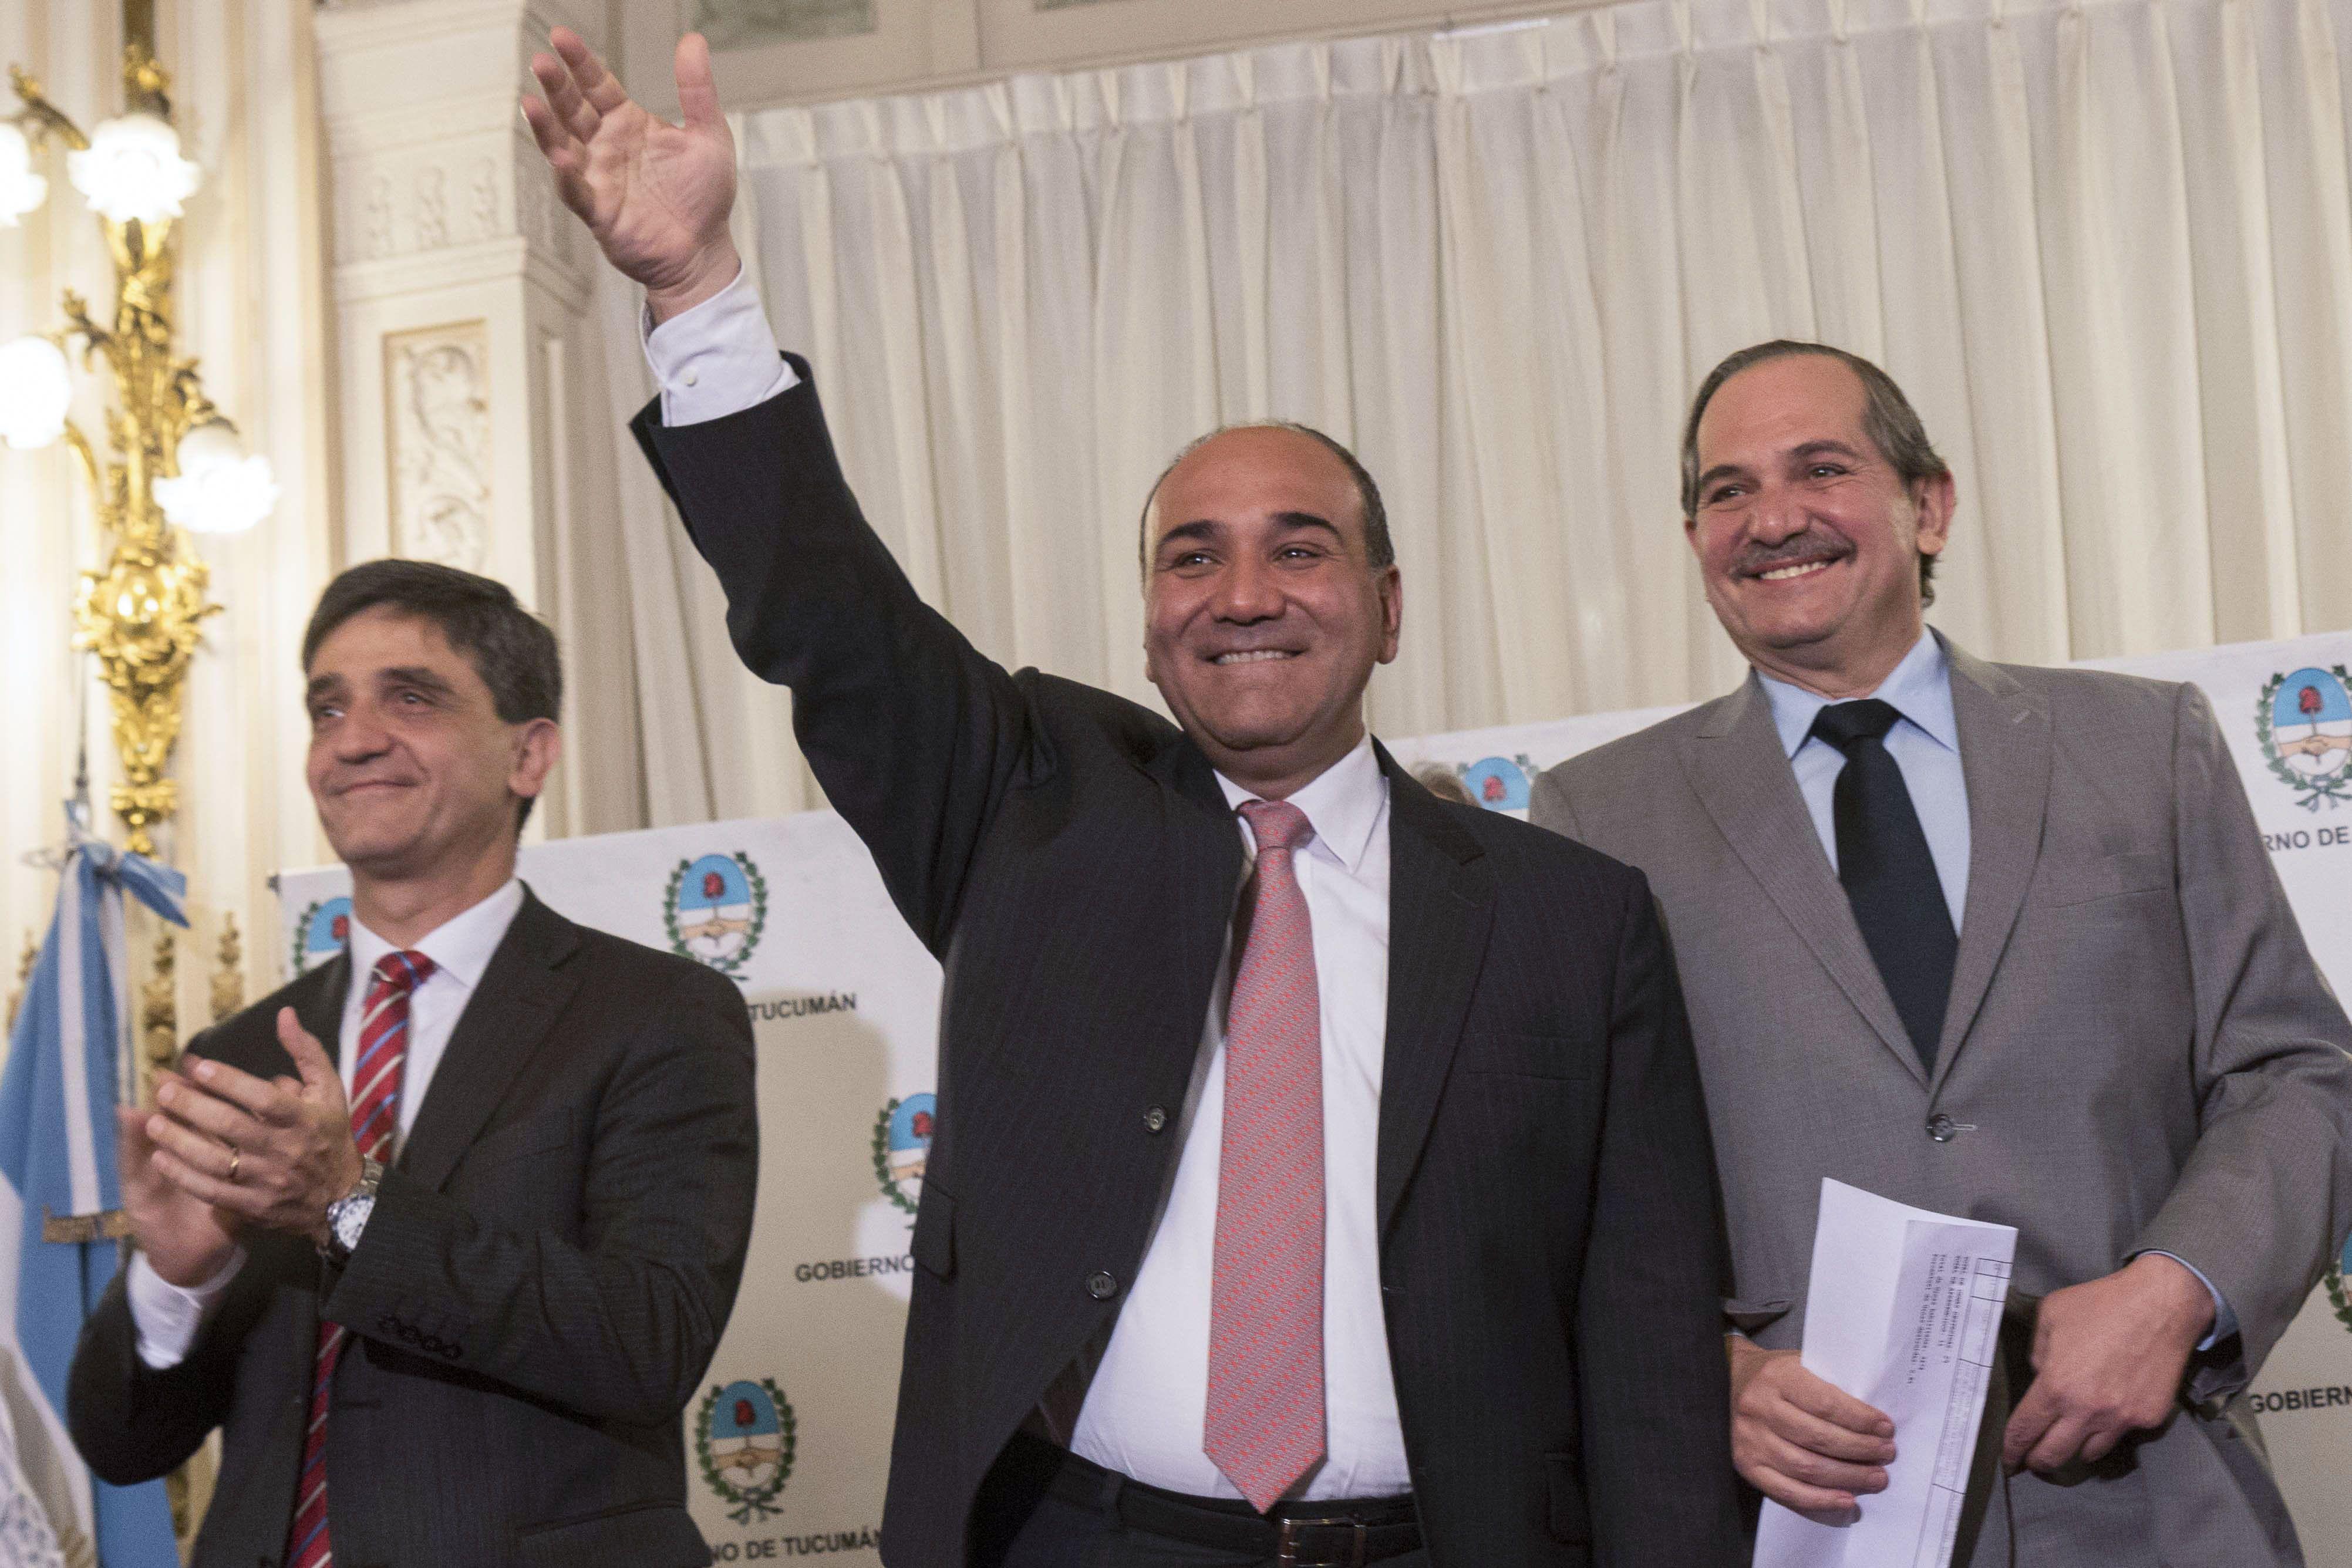 ganador. Todo era sonrisas en la Casa de Gobierno de Tucumán donde el sucesor electo Manzur festejó con Alperovich (der.).